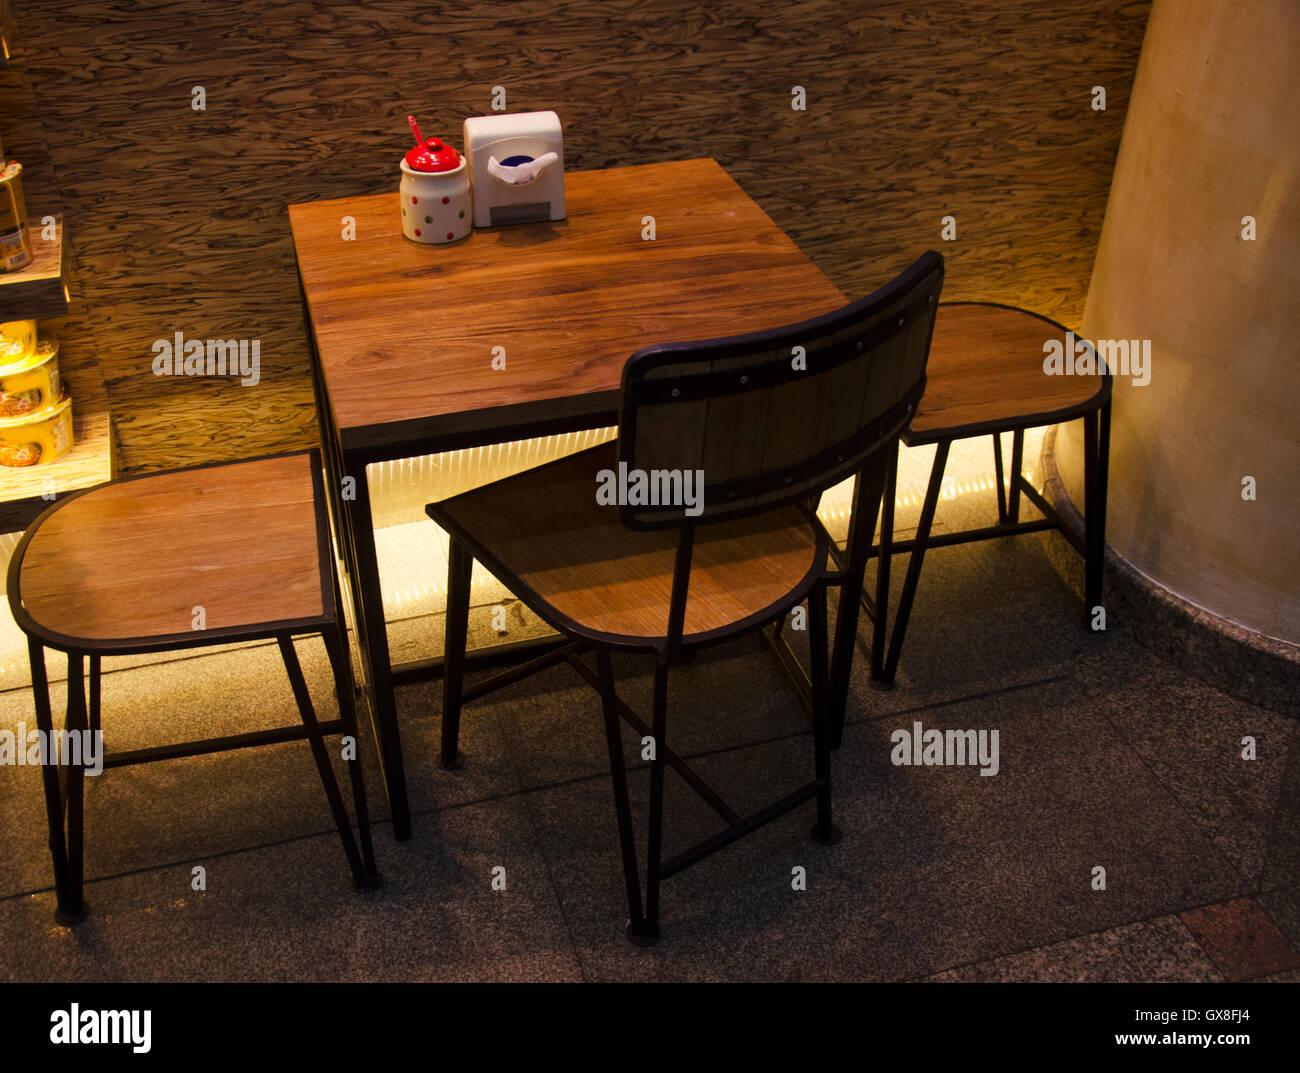 Mobel Tisch Und Stuhl Fur Sit Essen Im Restaurant Stockfoto Bild